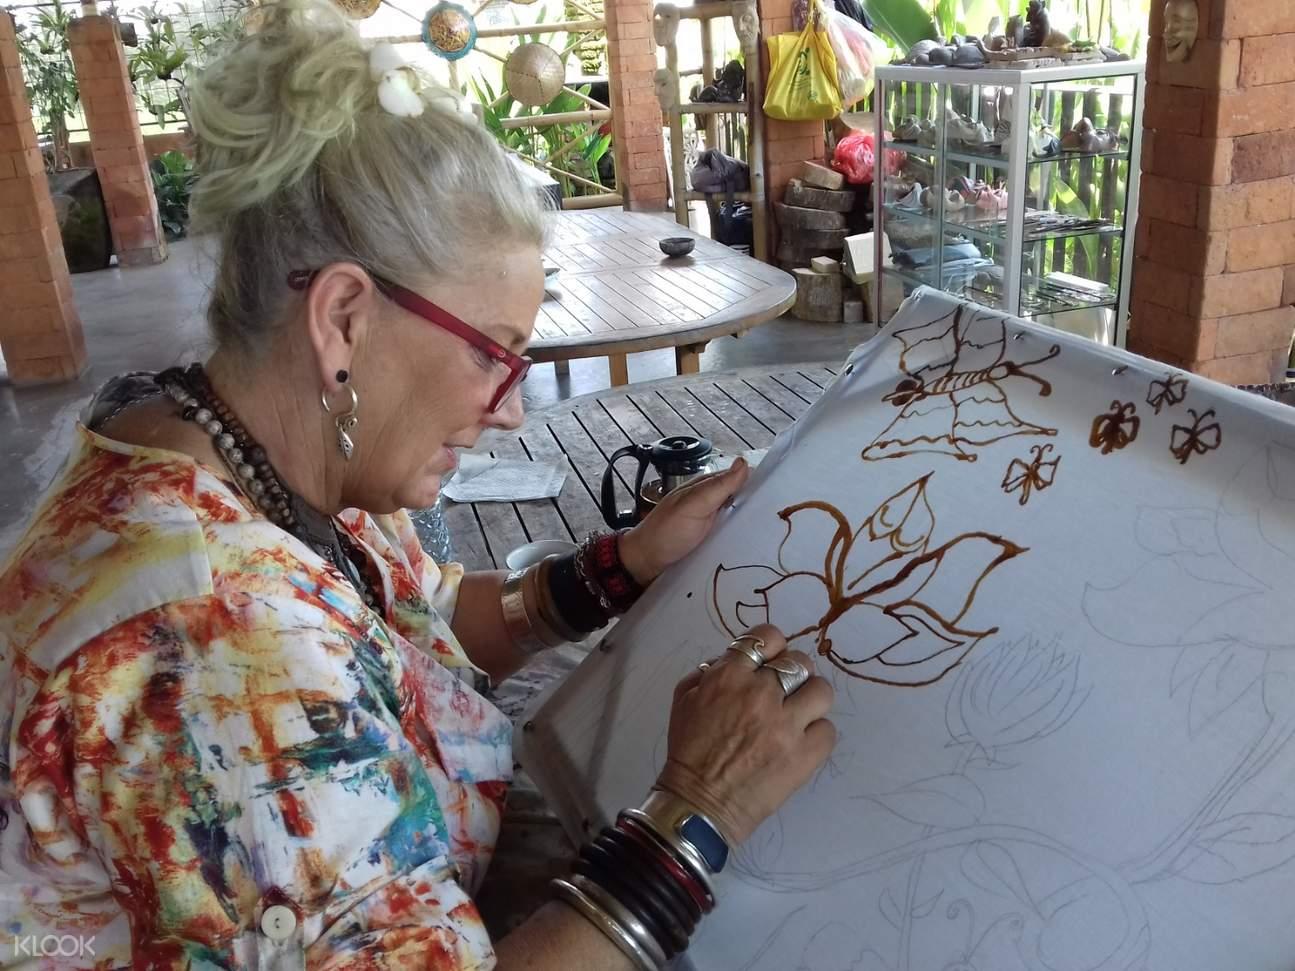 Paint a sketch on a canvas using batik painting technique!